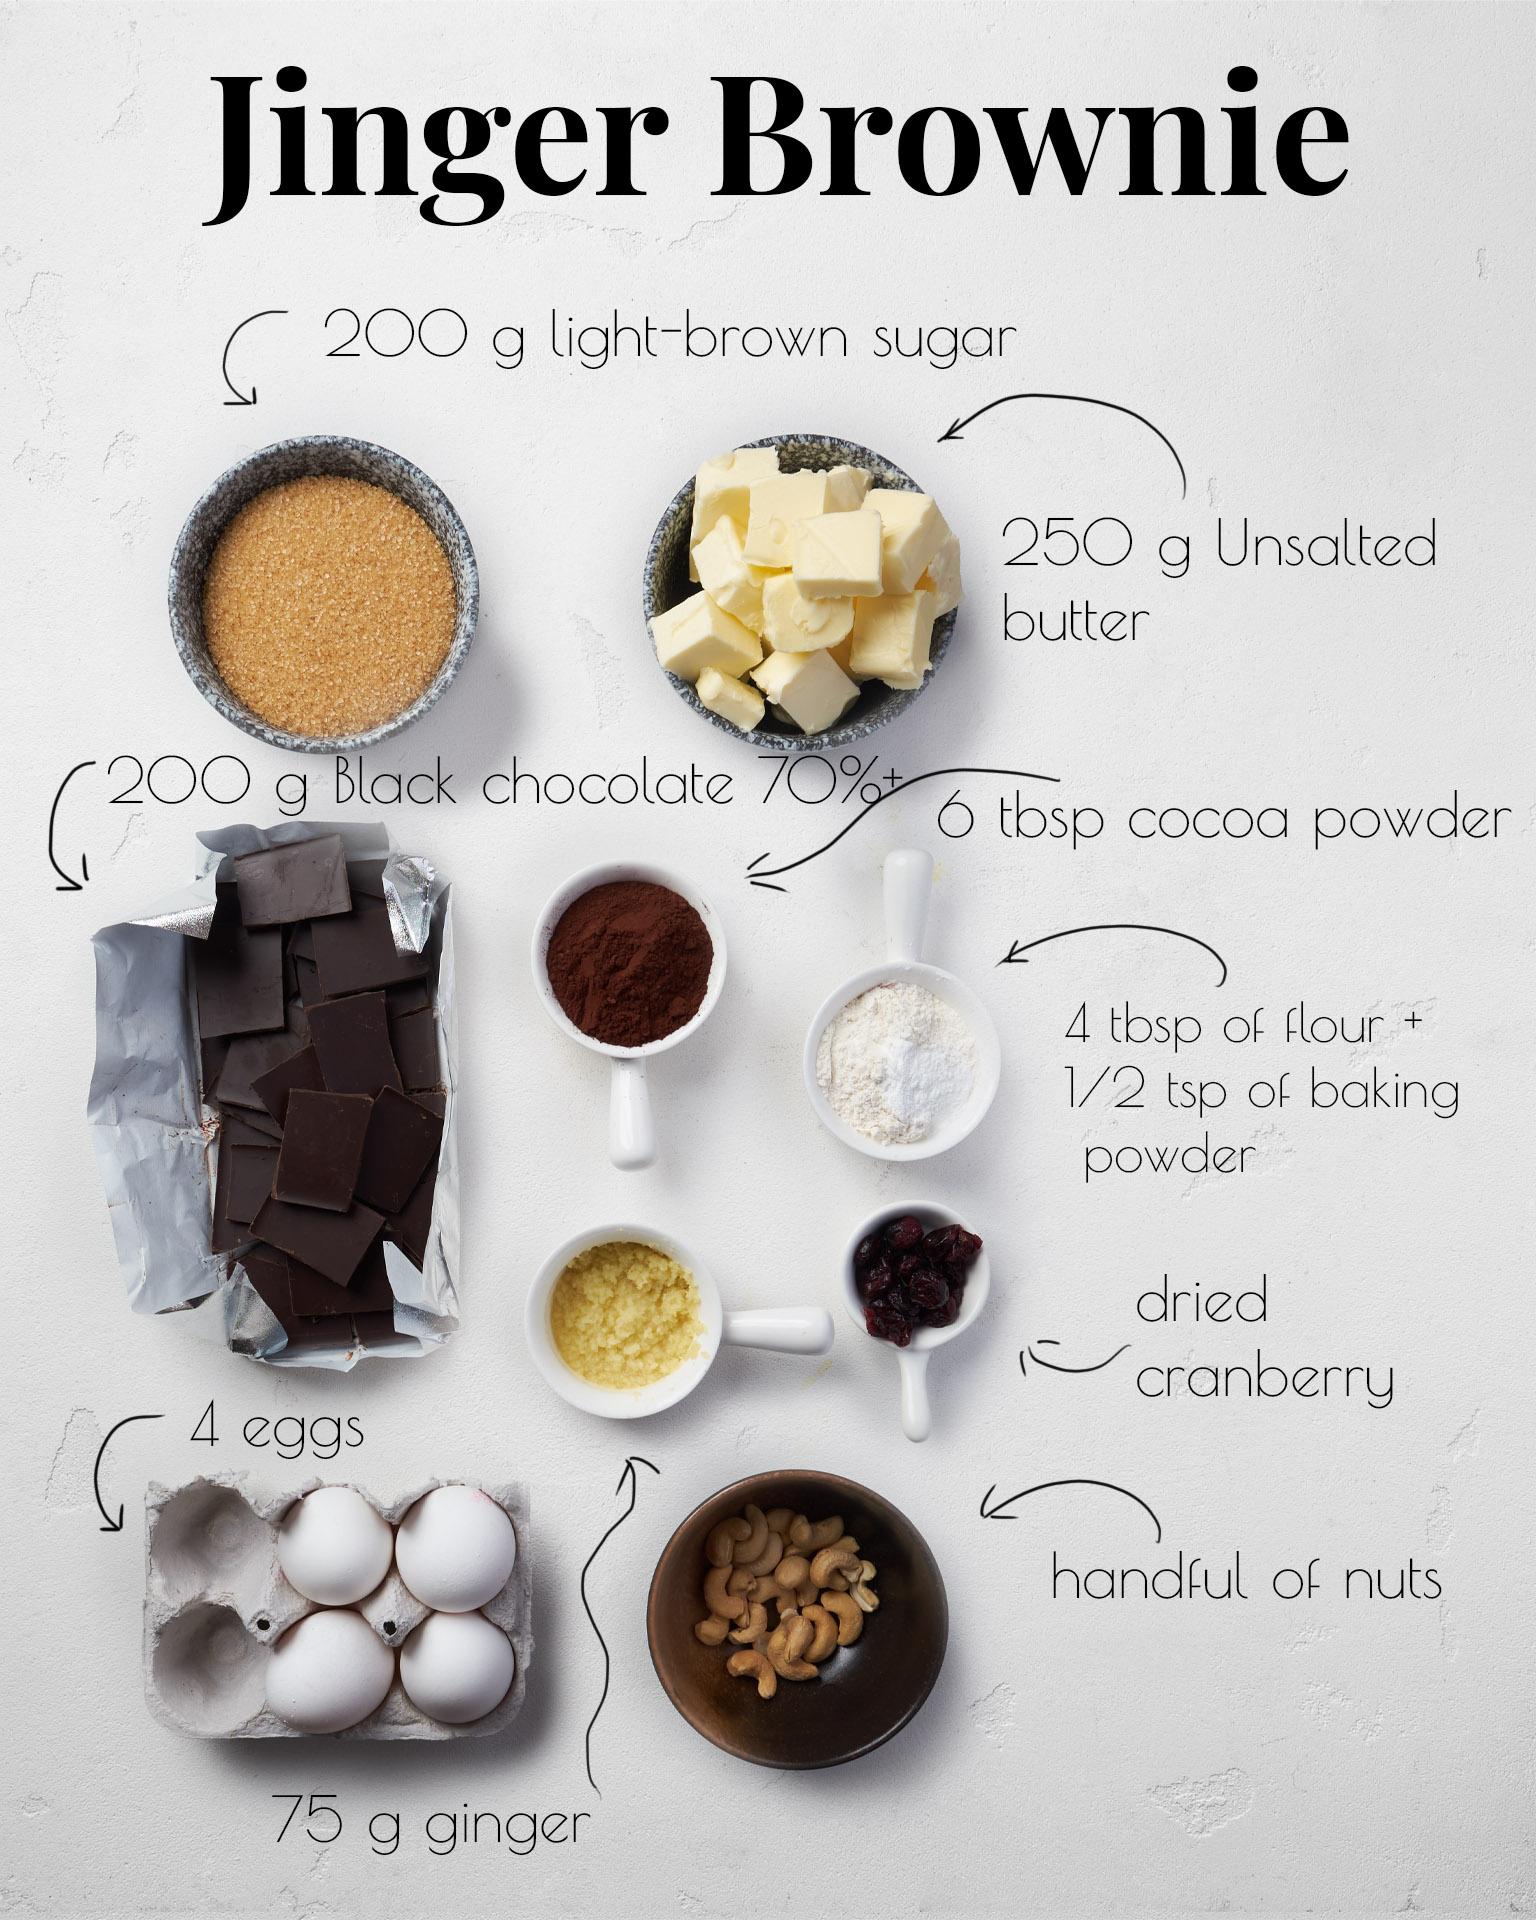 Ginger Brownie Ingredient List